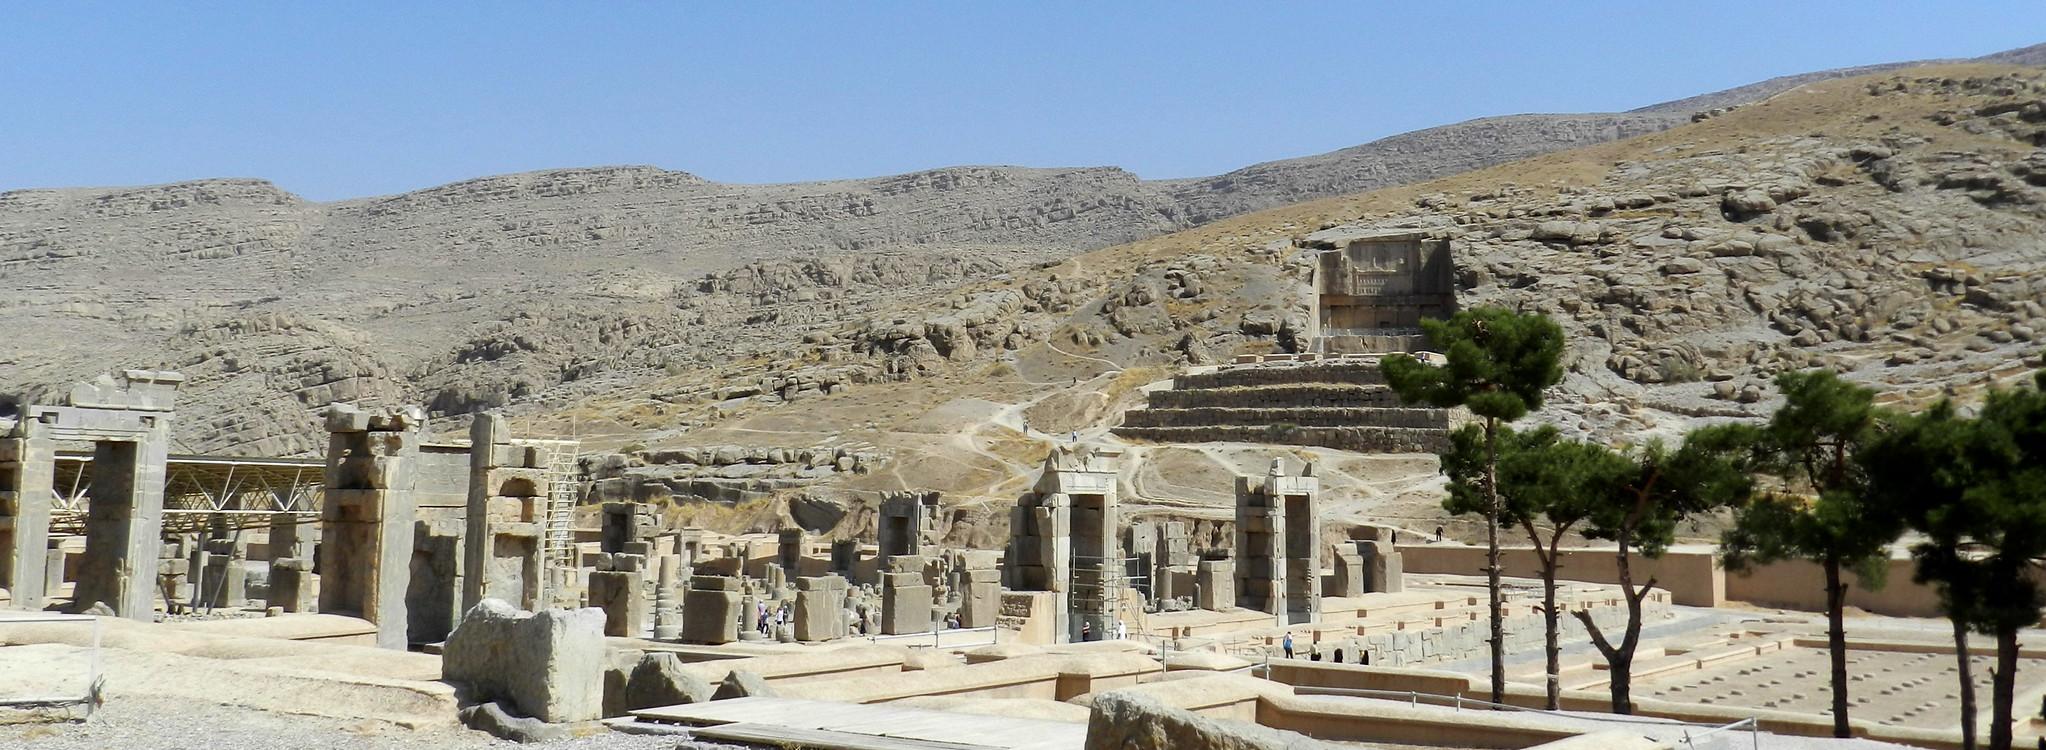 Palacio de las 100 columnas Persépolis Irán